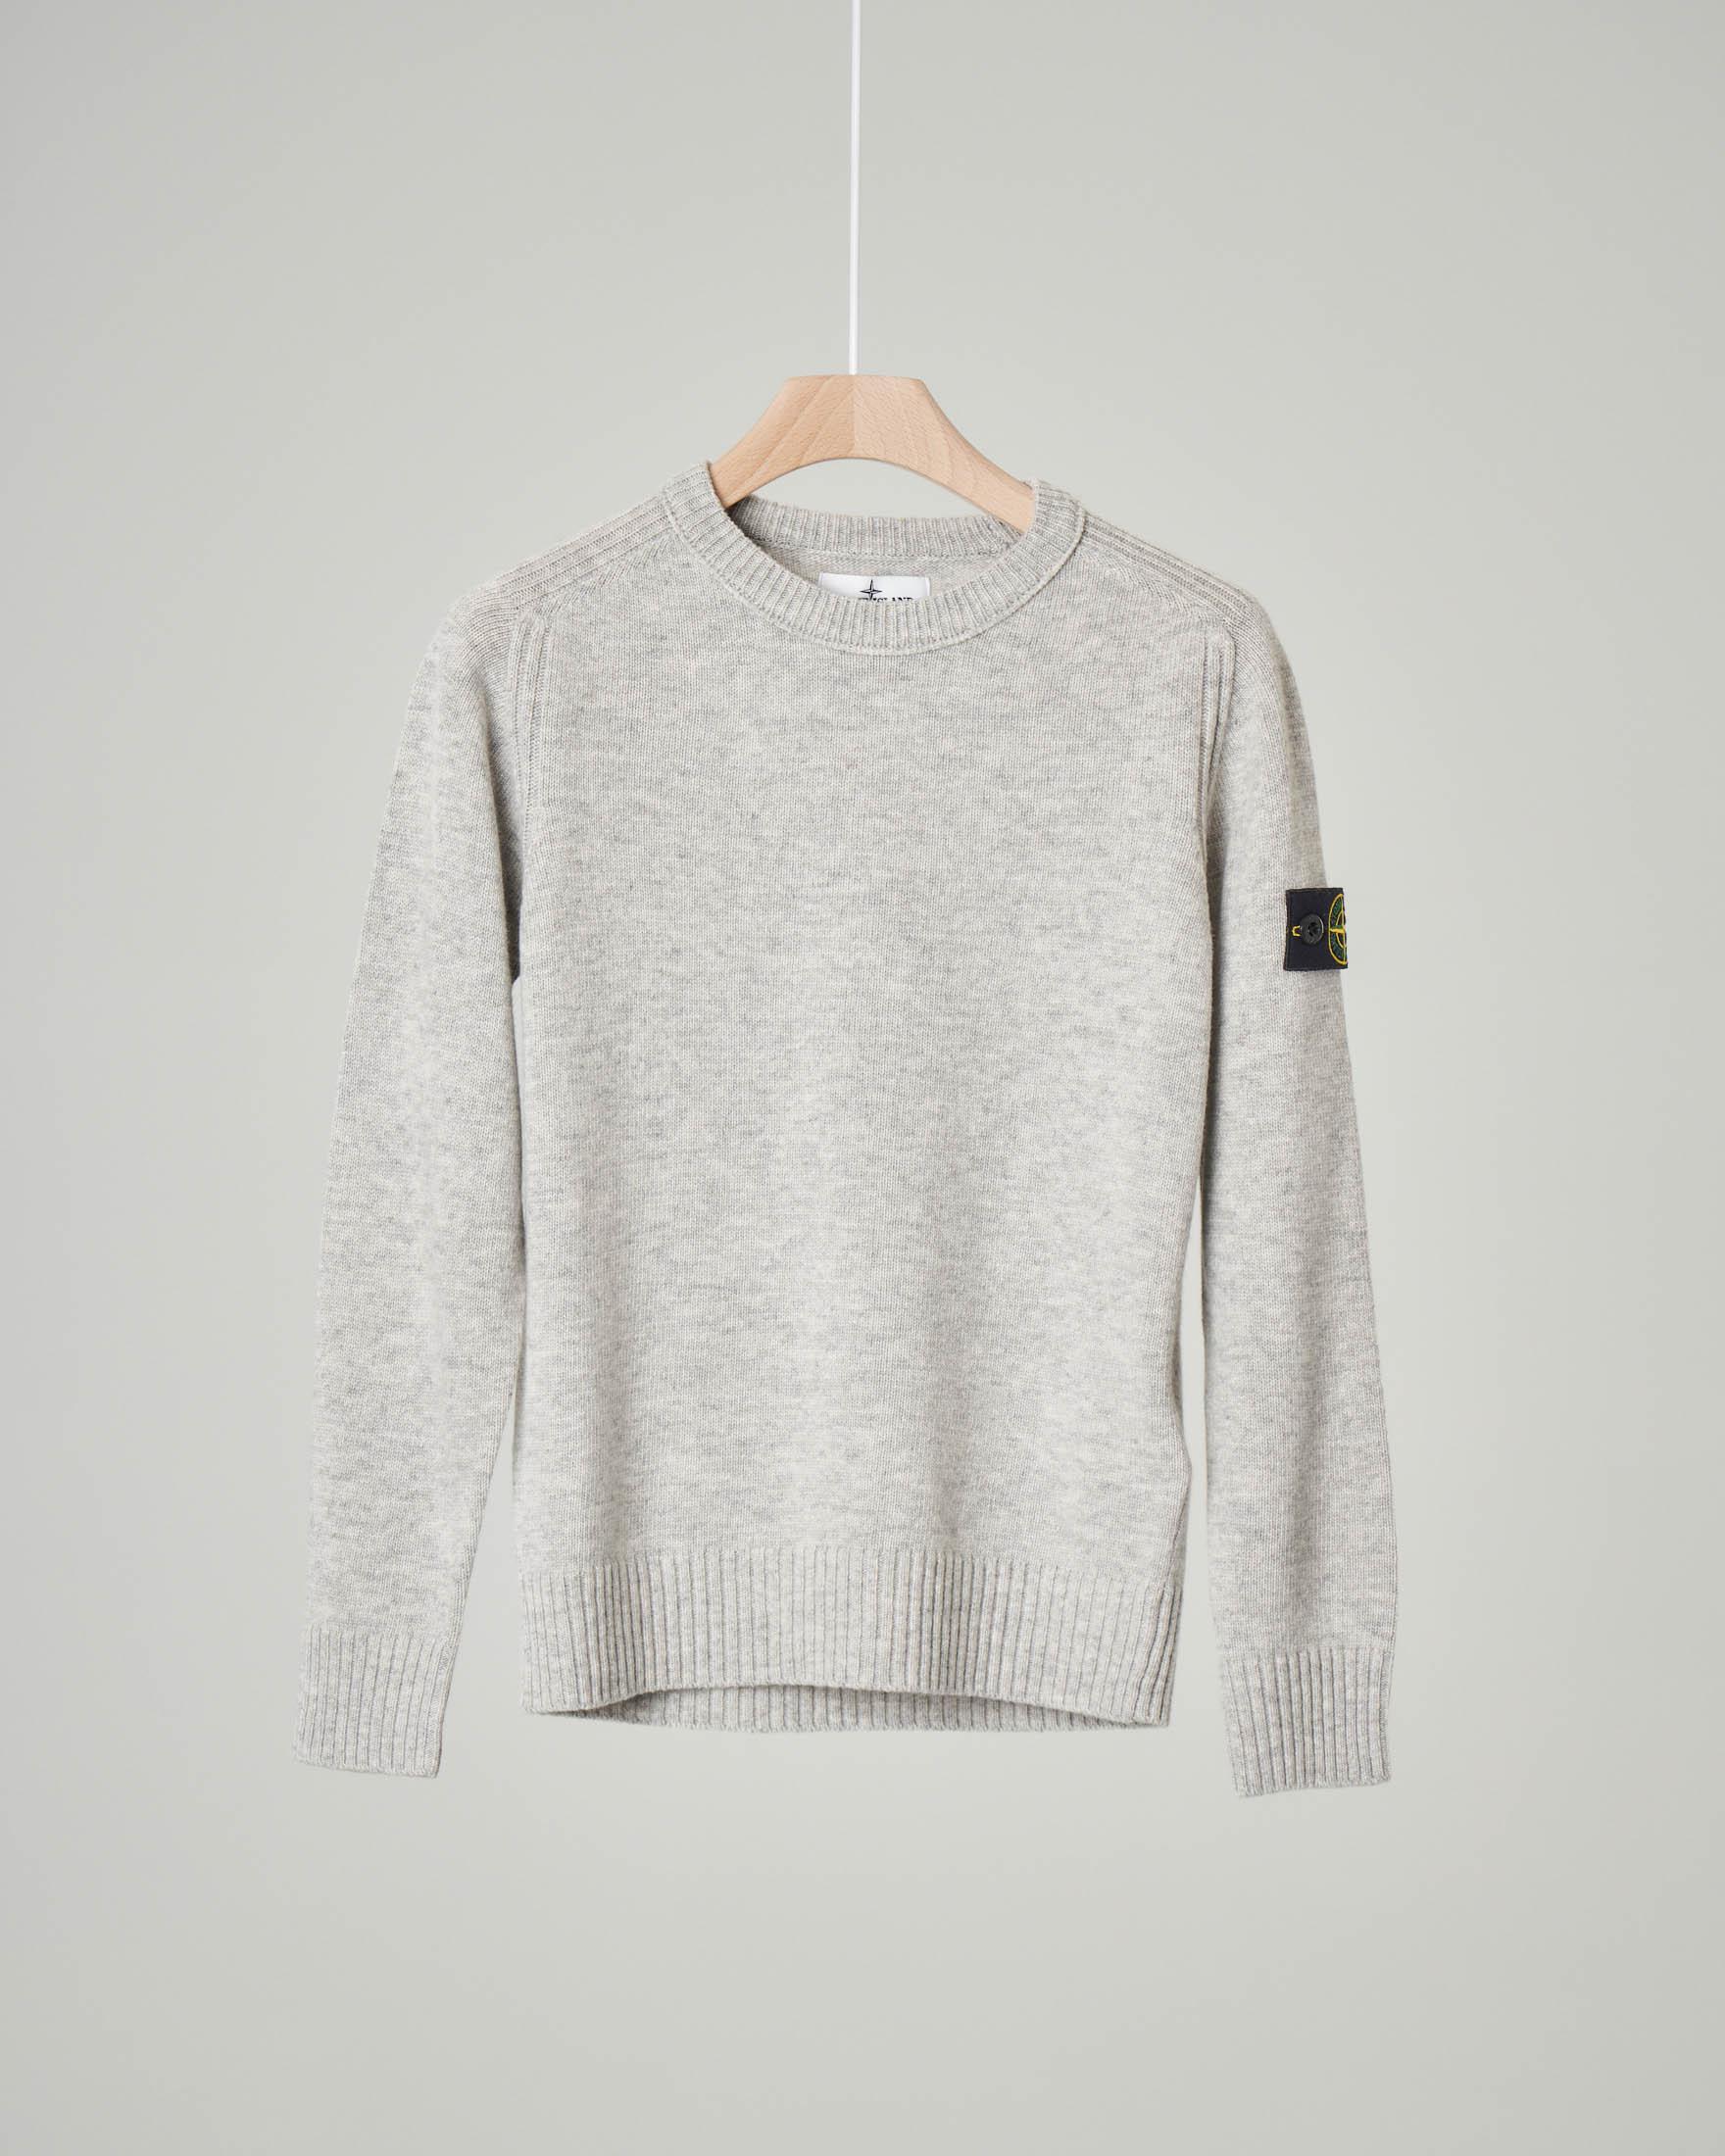 Maglia grigio melange girocollo in misto lana e cachemire 14 anni